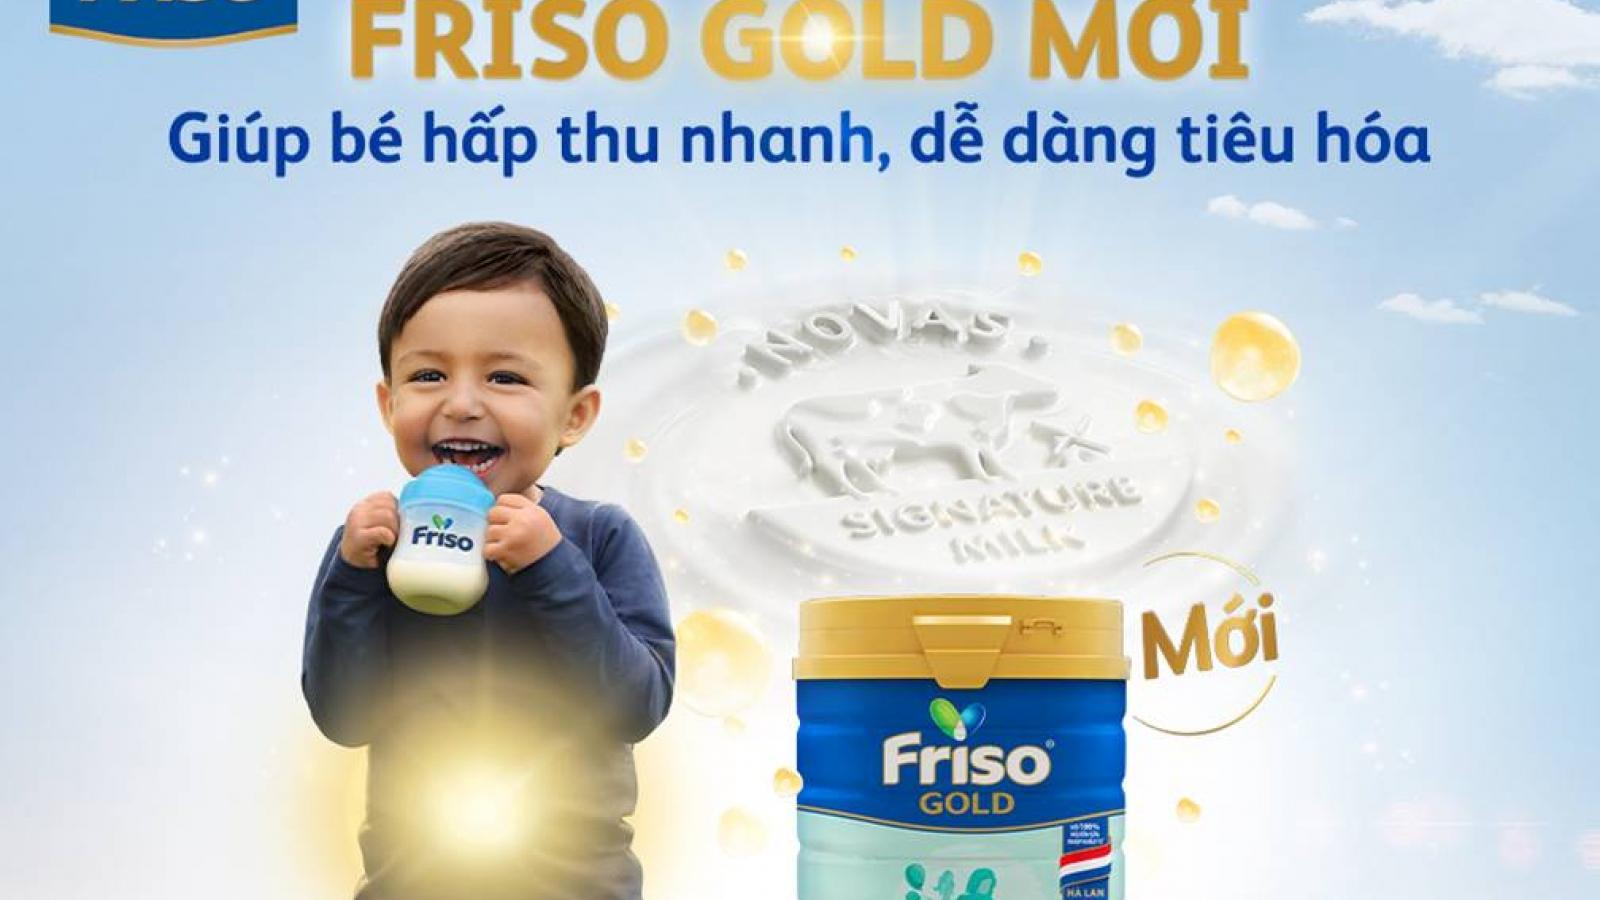 FRISO GOLD với nguồn sữa NOVAS nhiều dưỡng chất, giúp mẹ yên tâm về hệ tiêu hóa của bé